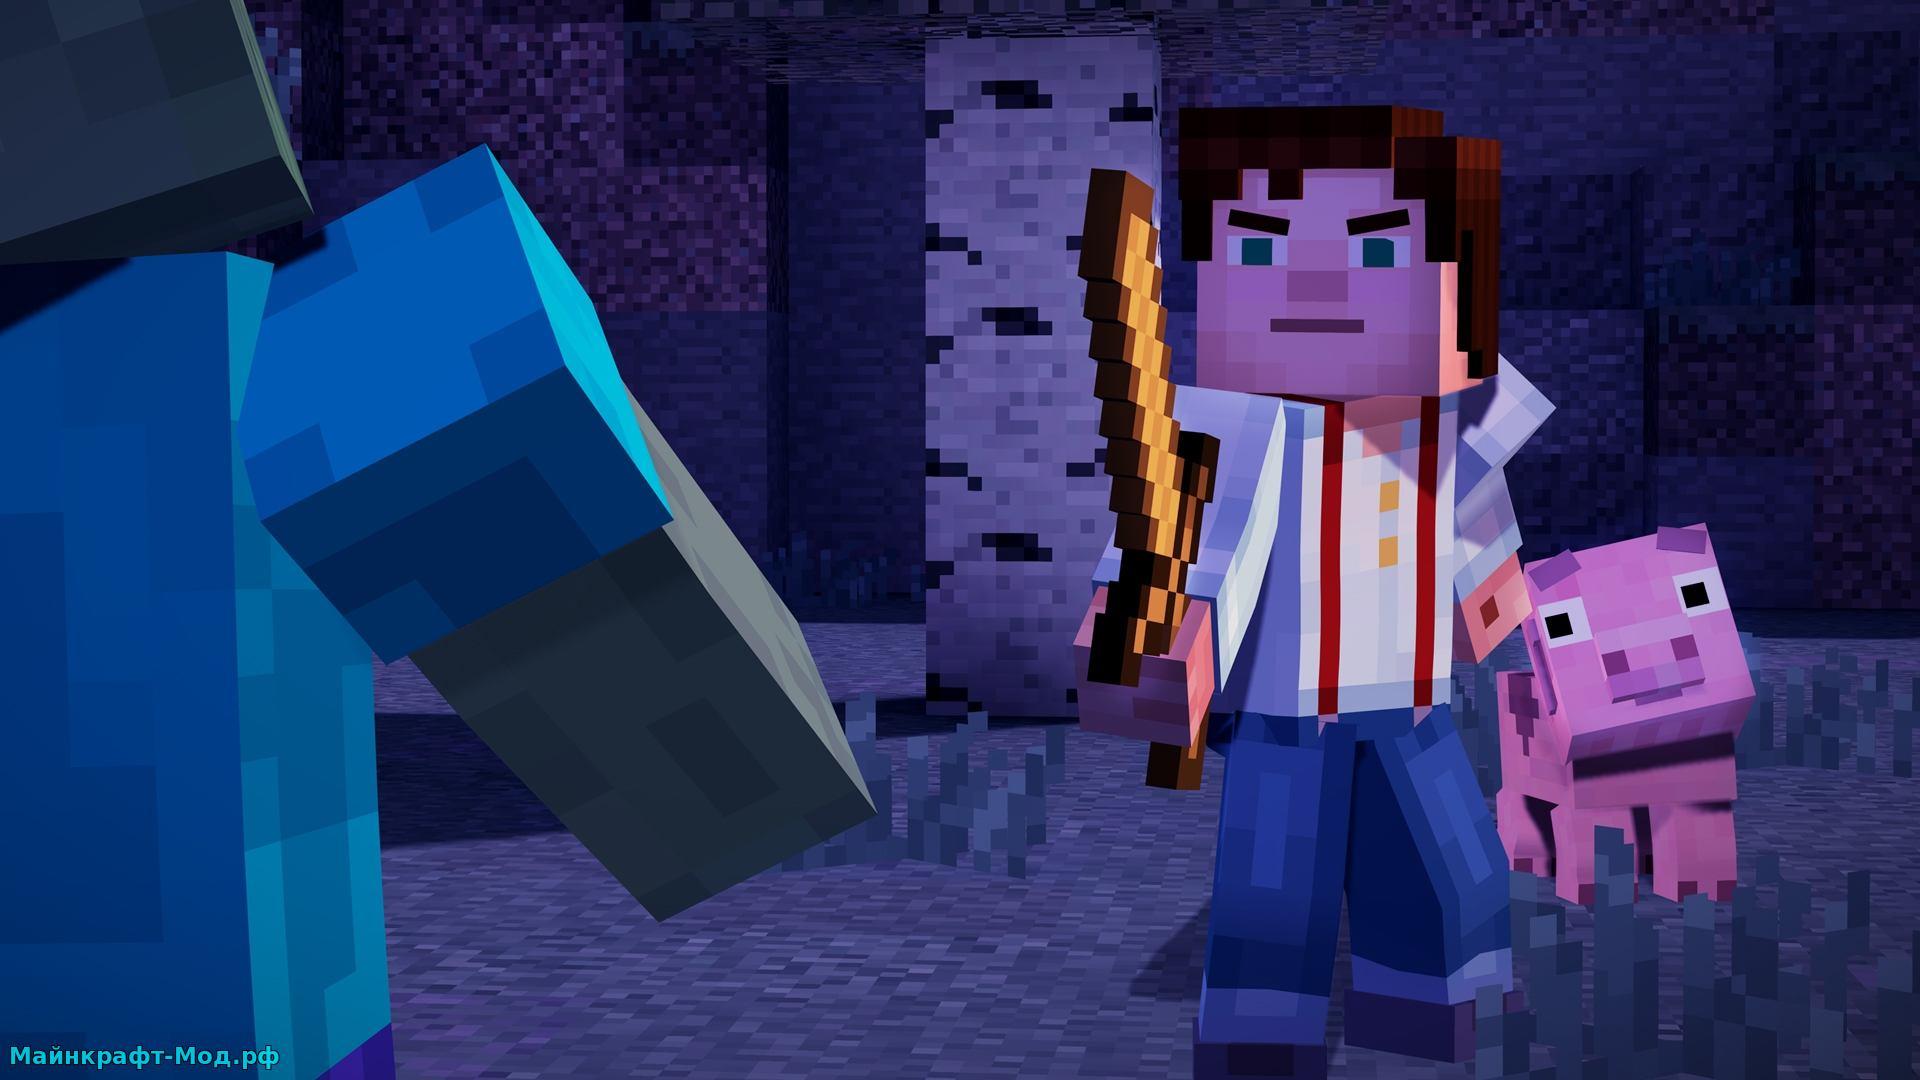 Дата выхода фильма Minecraft